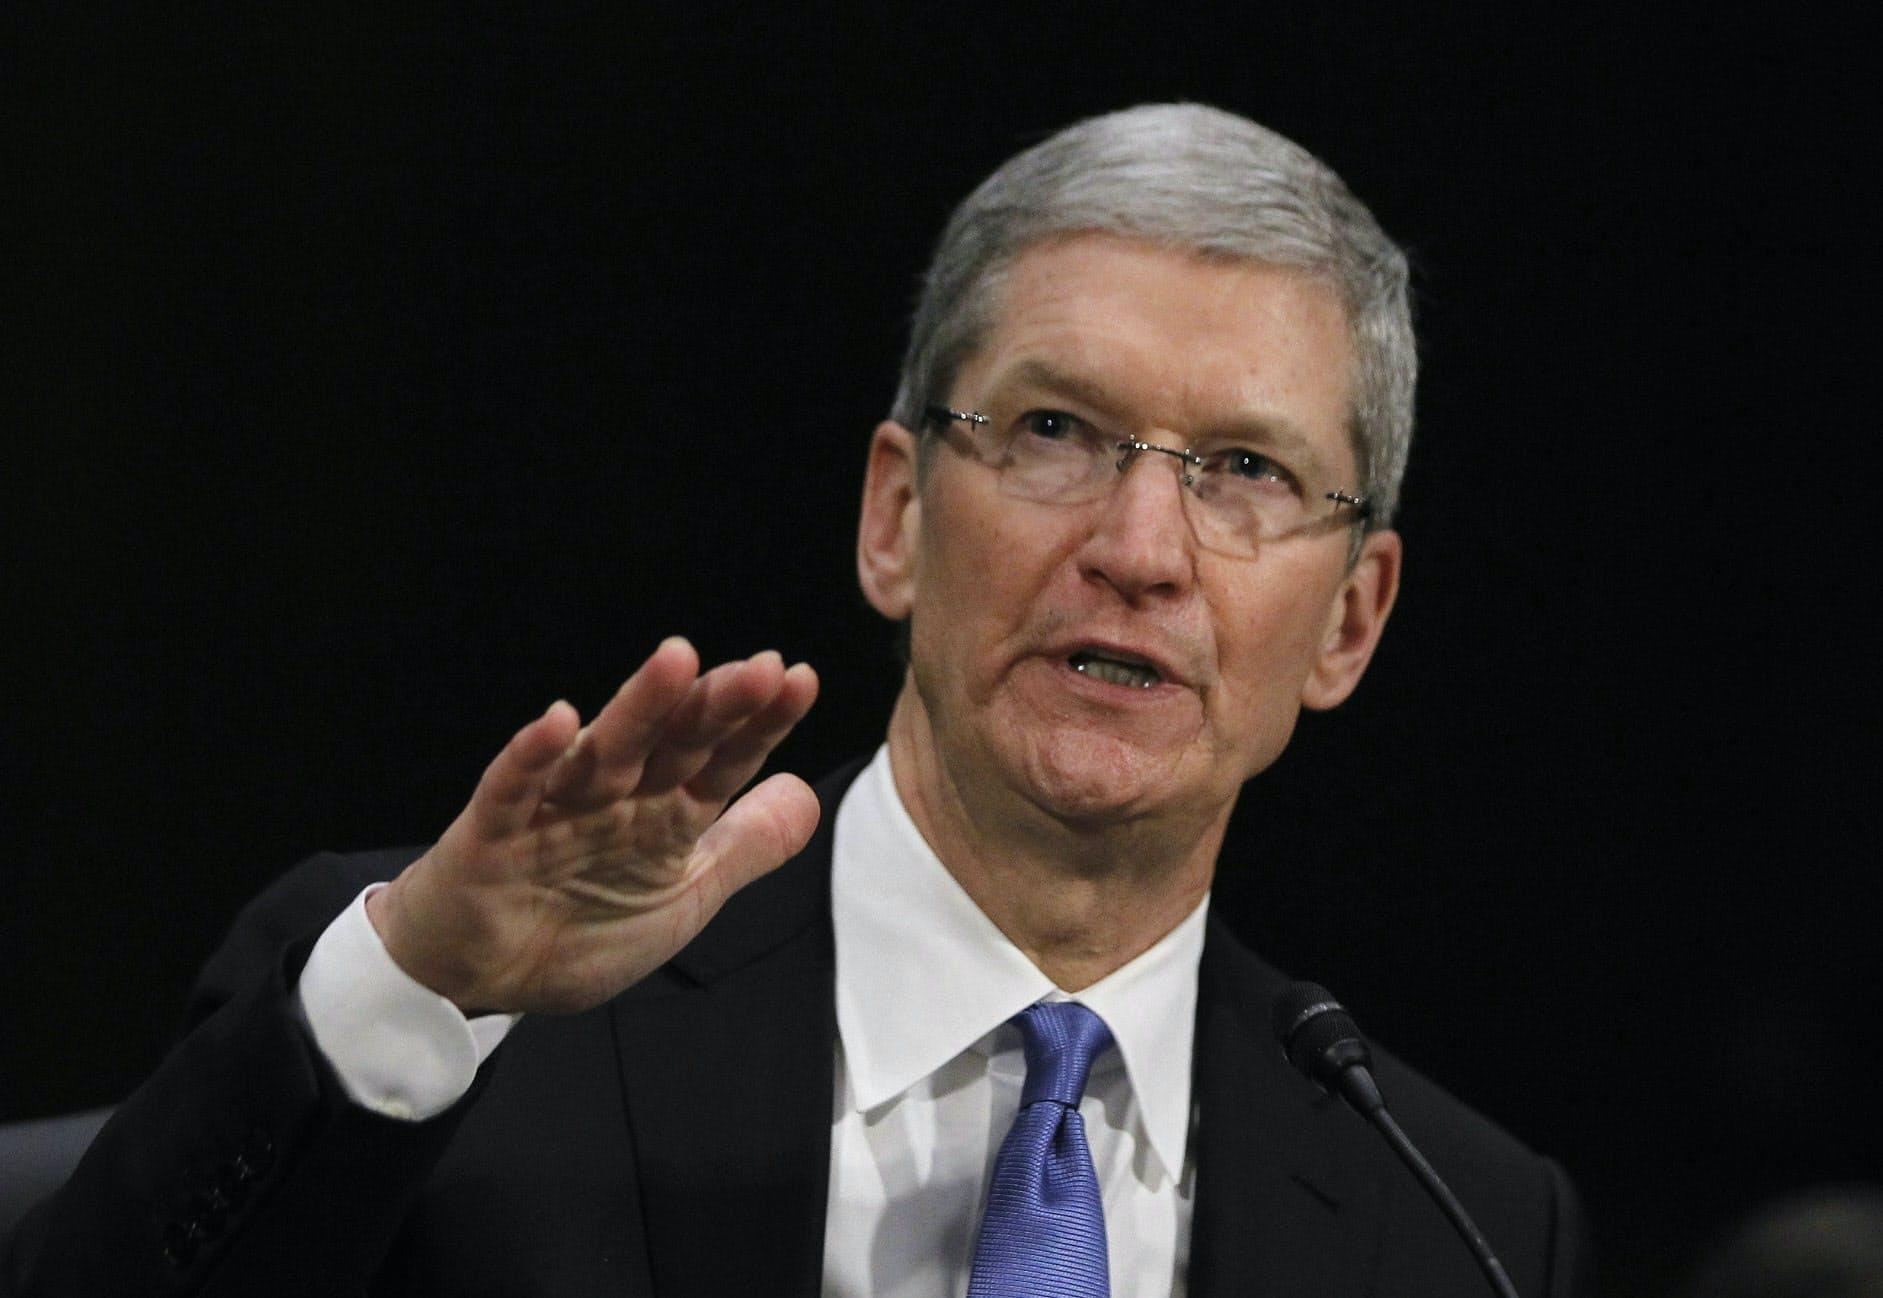 アップルのCEOであるティム・クック氏の判断が注目される=ロイター